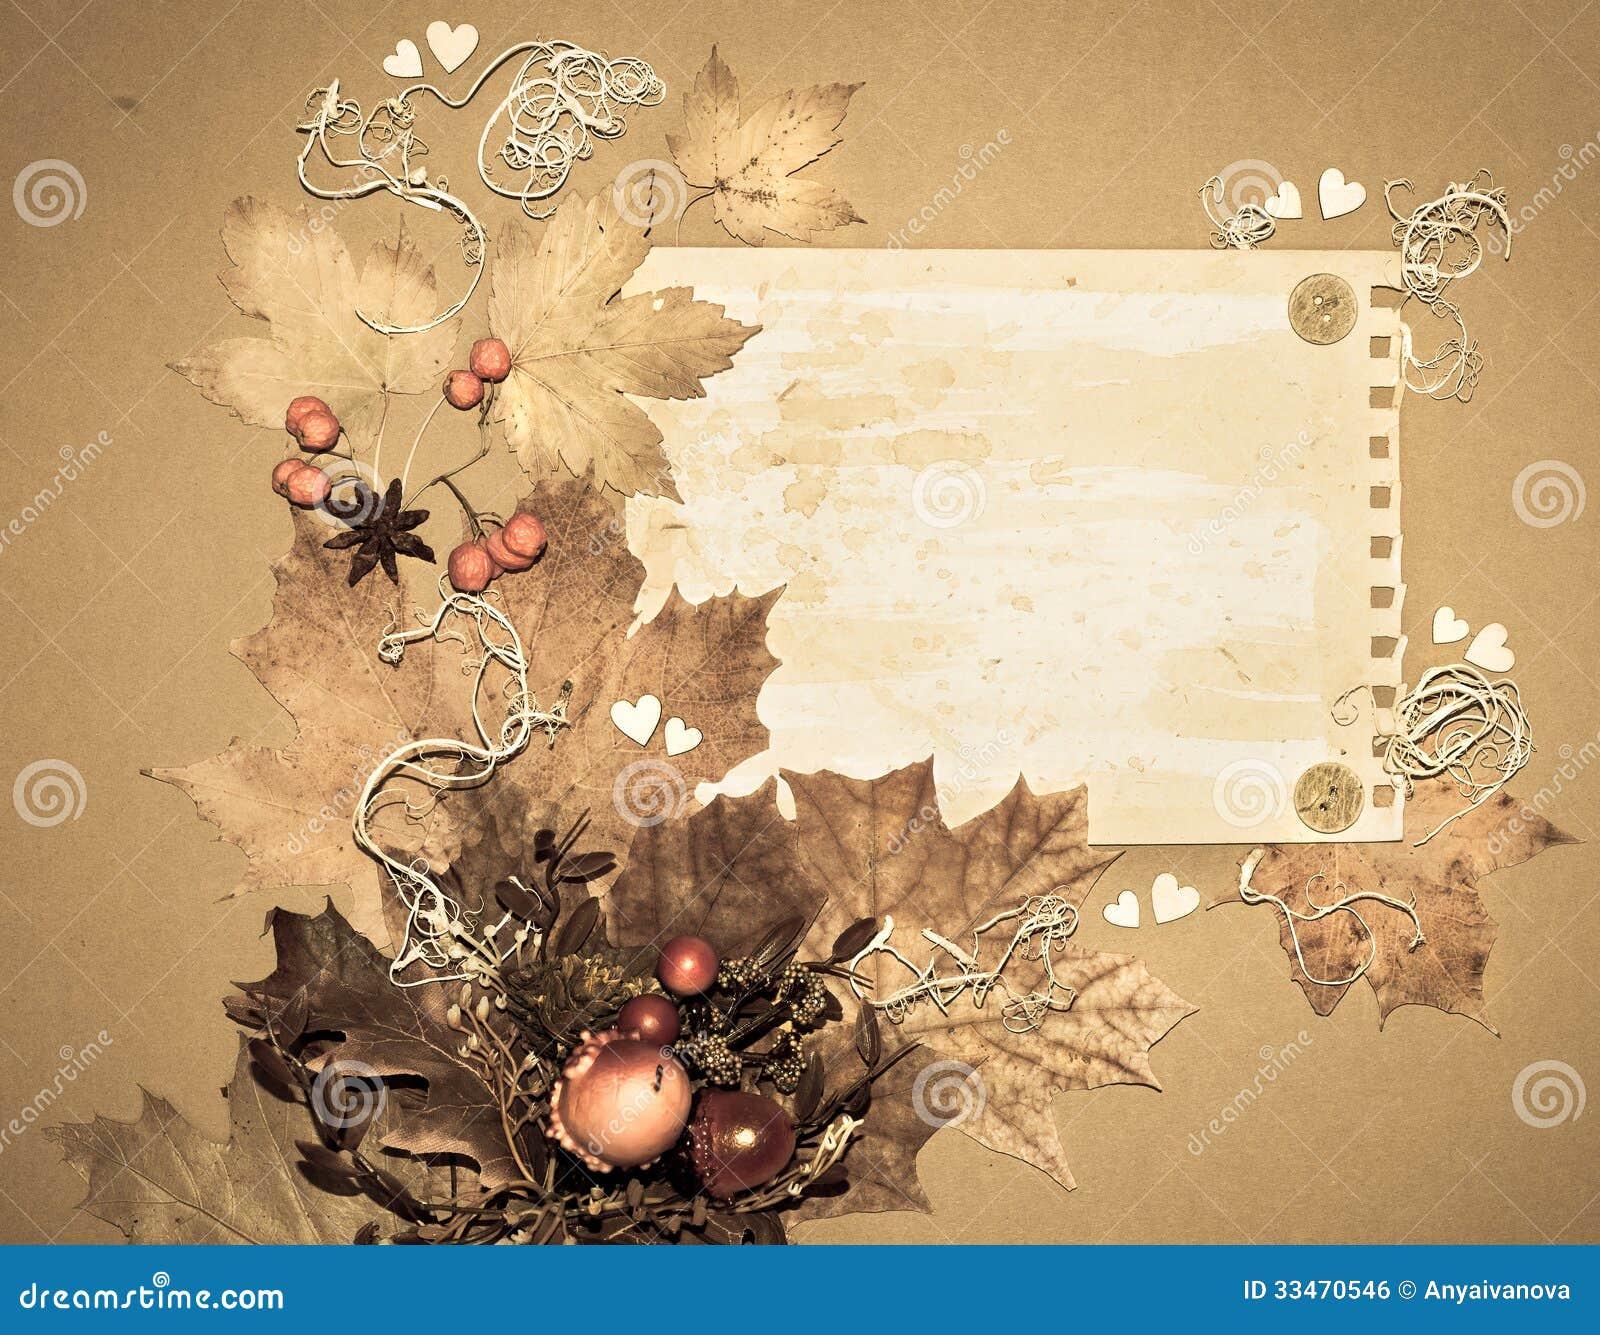 autumn leaves descriptive essay